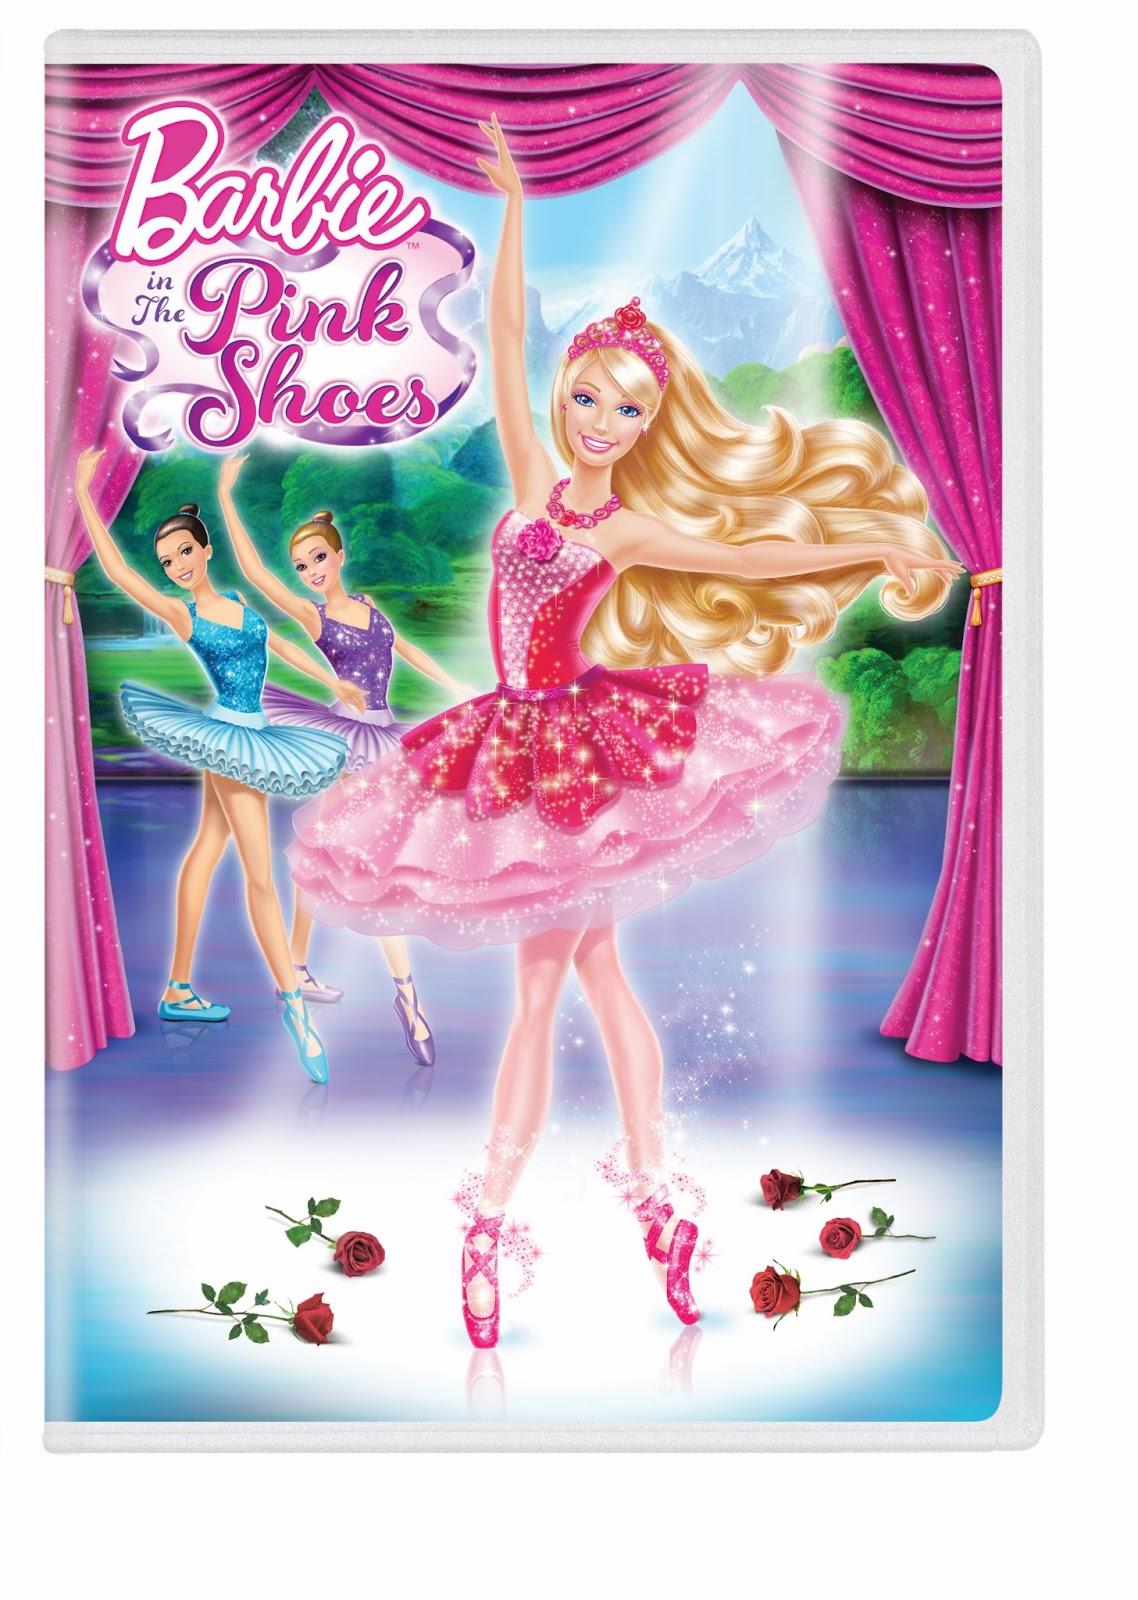 «Барби Балерина В Розовых Пуантах Смотреть Онлайн» — 2016